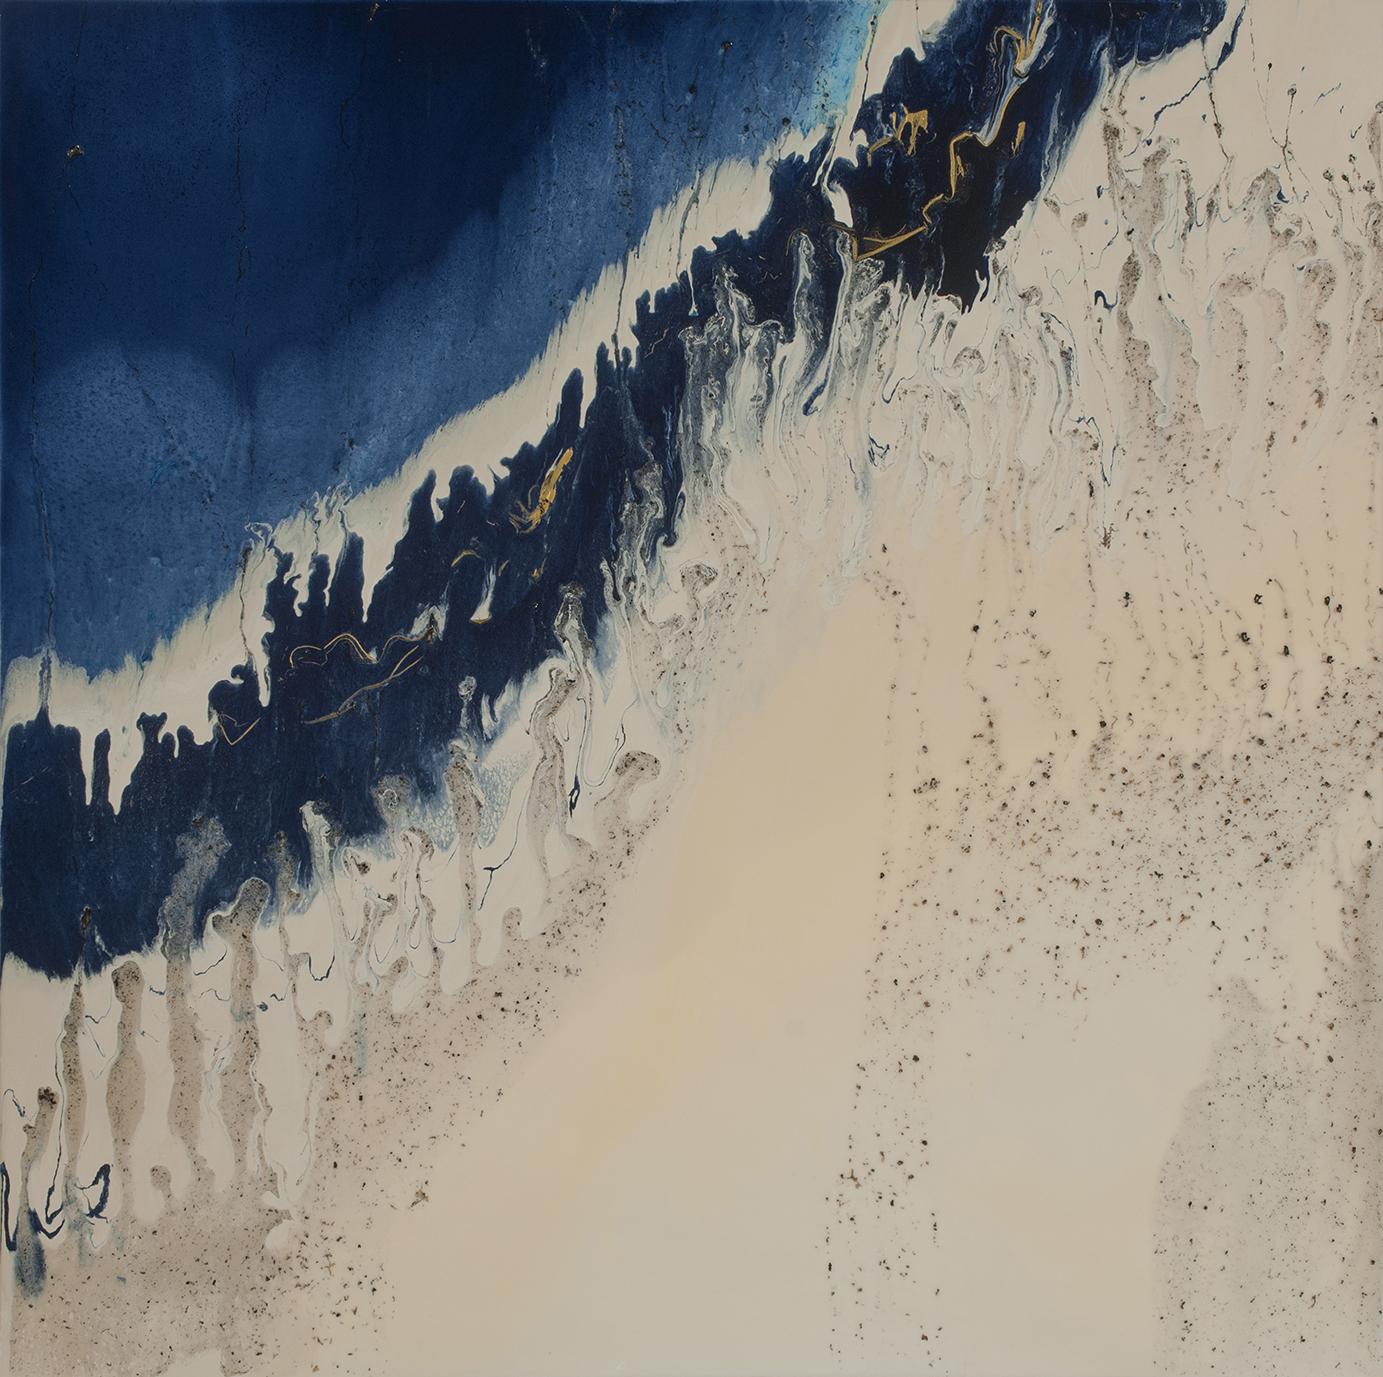 Sand Castle Blues